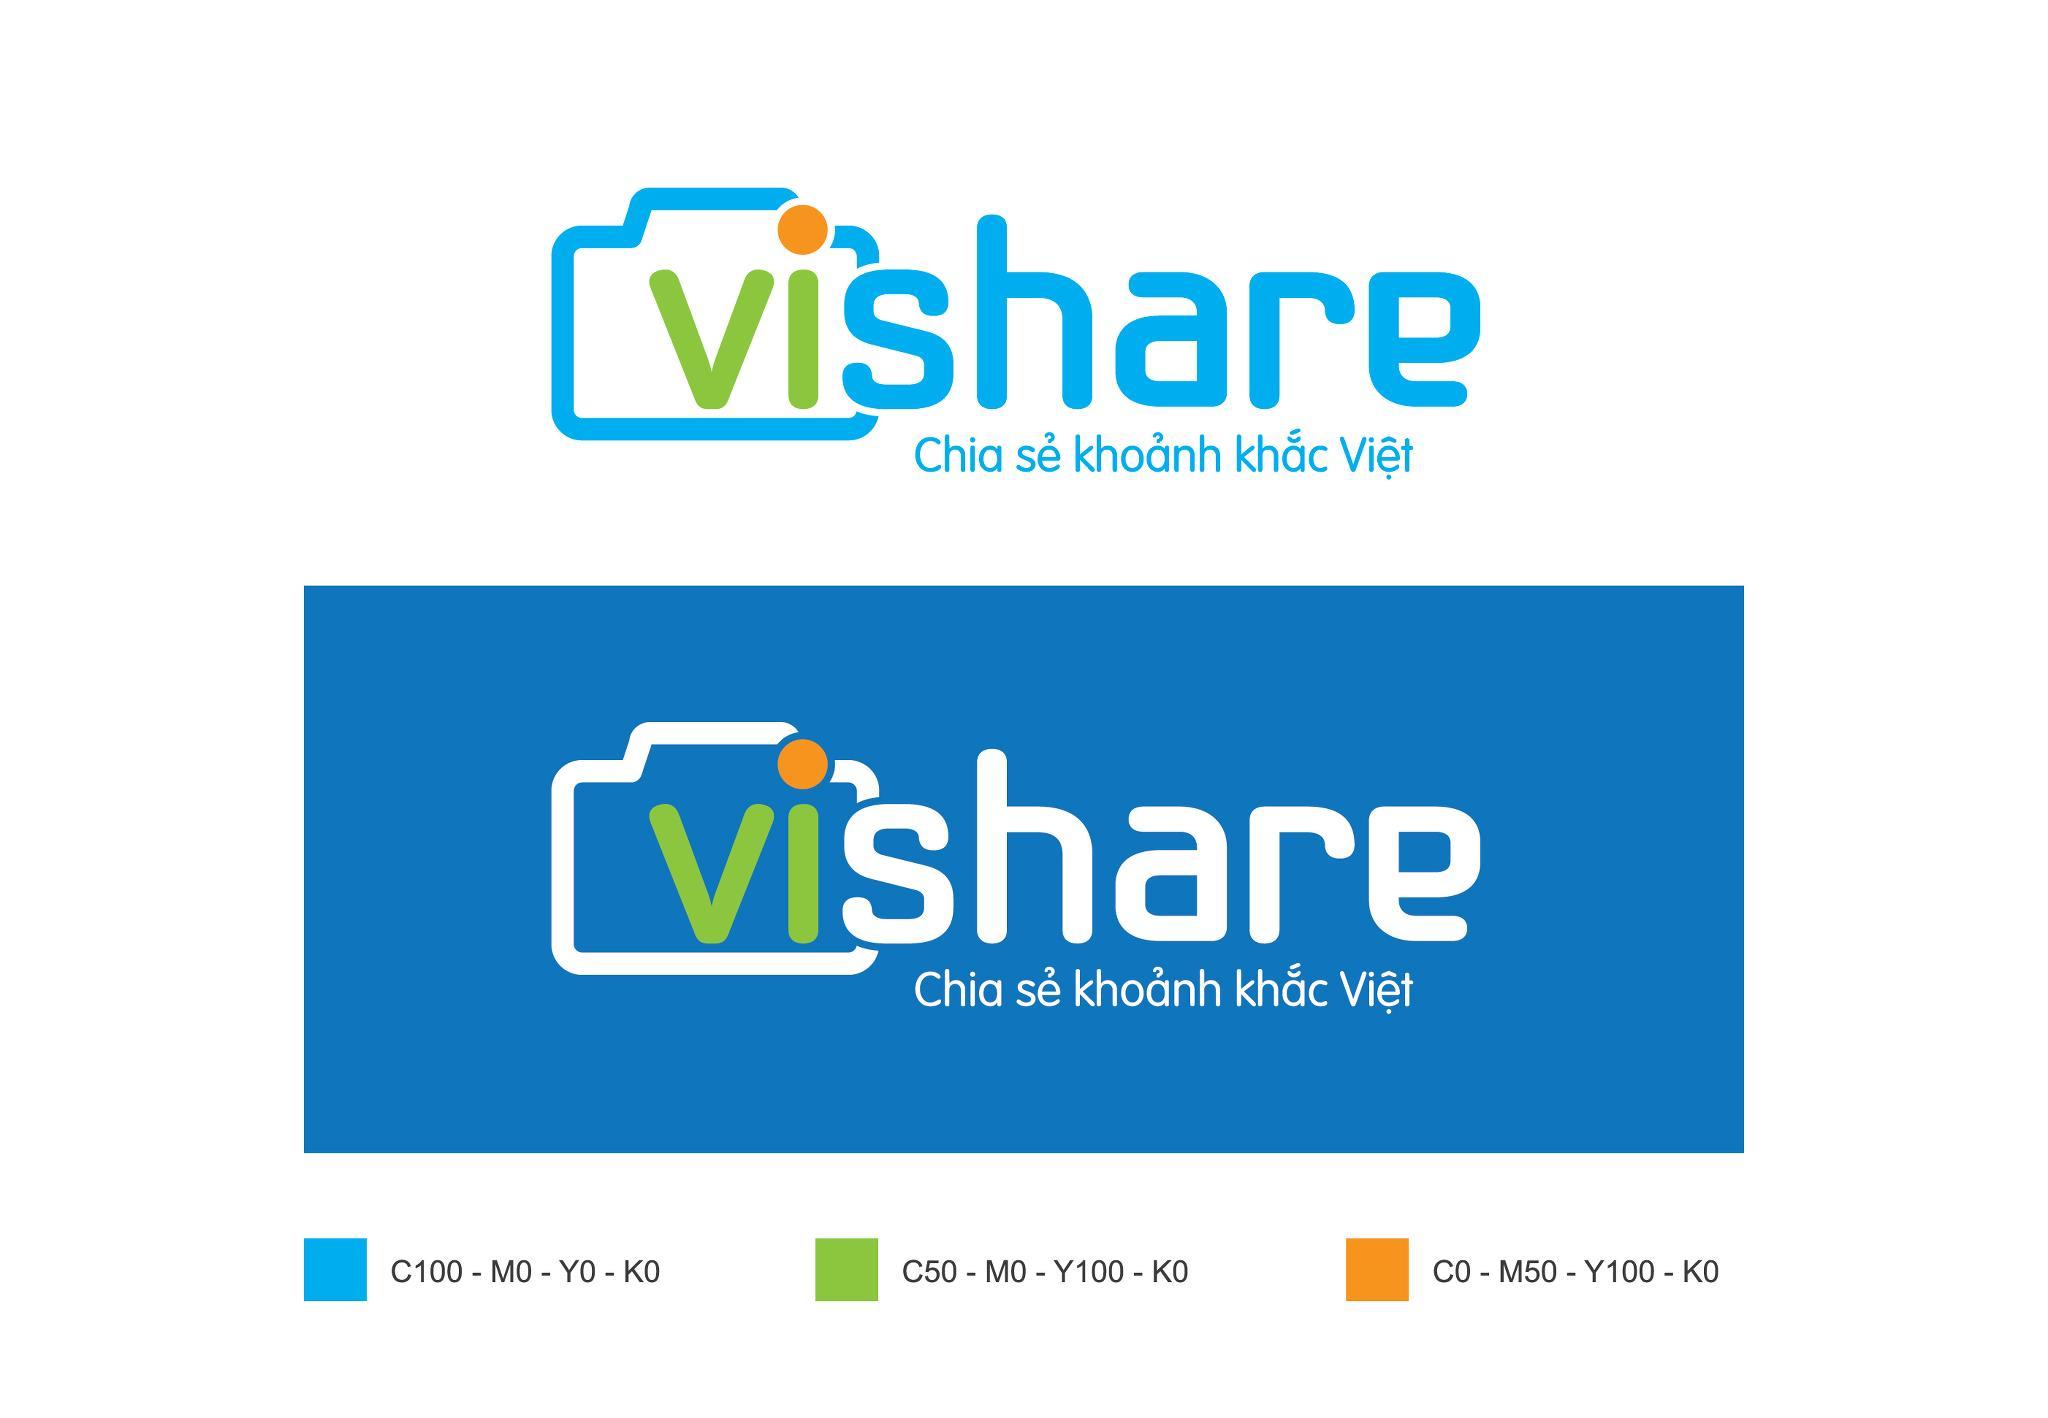 Vishare